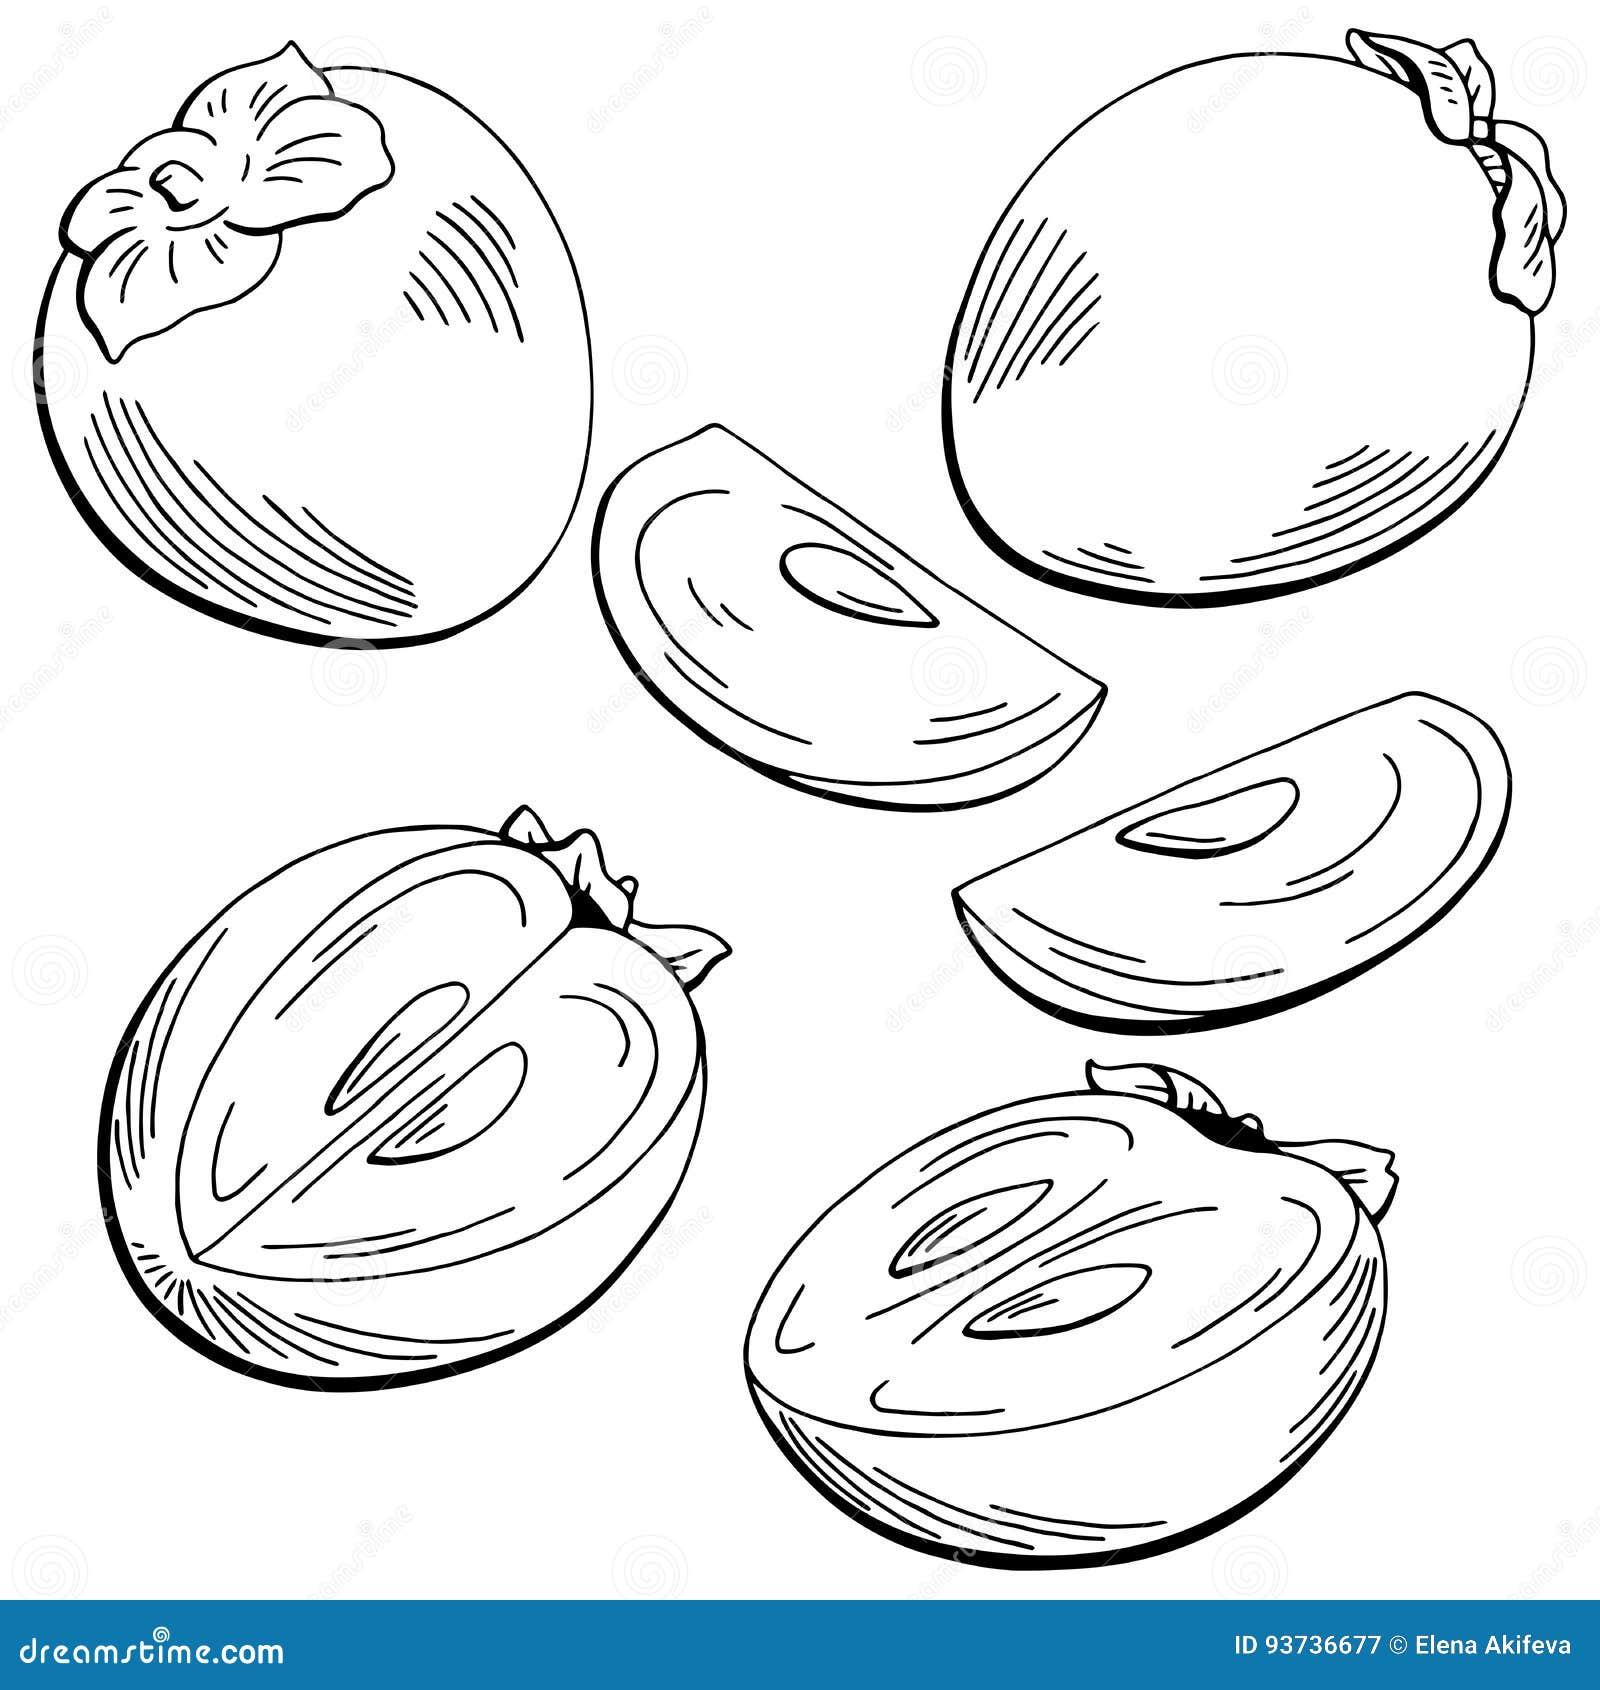 Coloriage Fruit Kaki.Le Blanc Noir Graphique De Fruit De Kaki A Isole L Illustration De